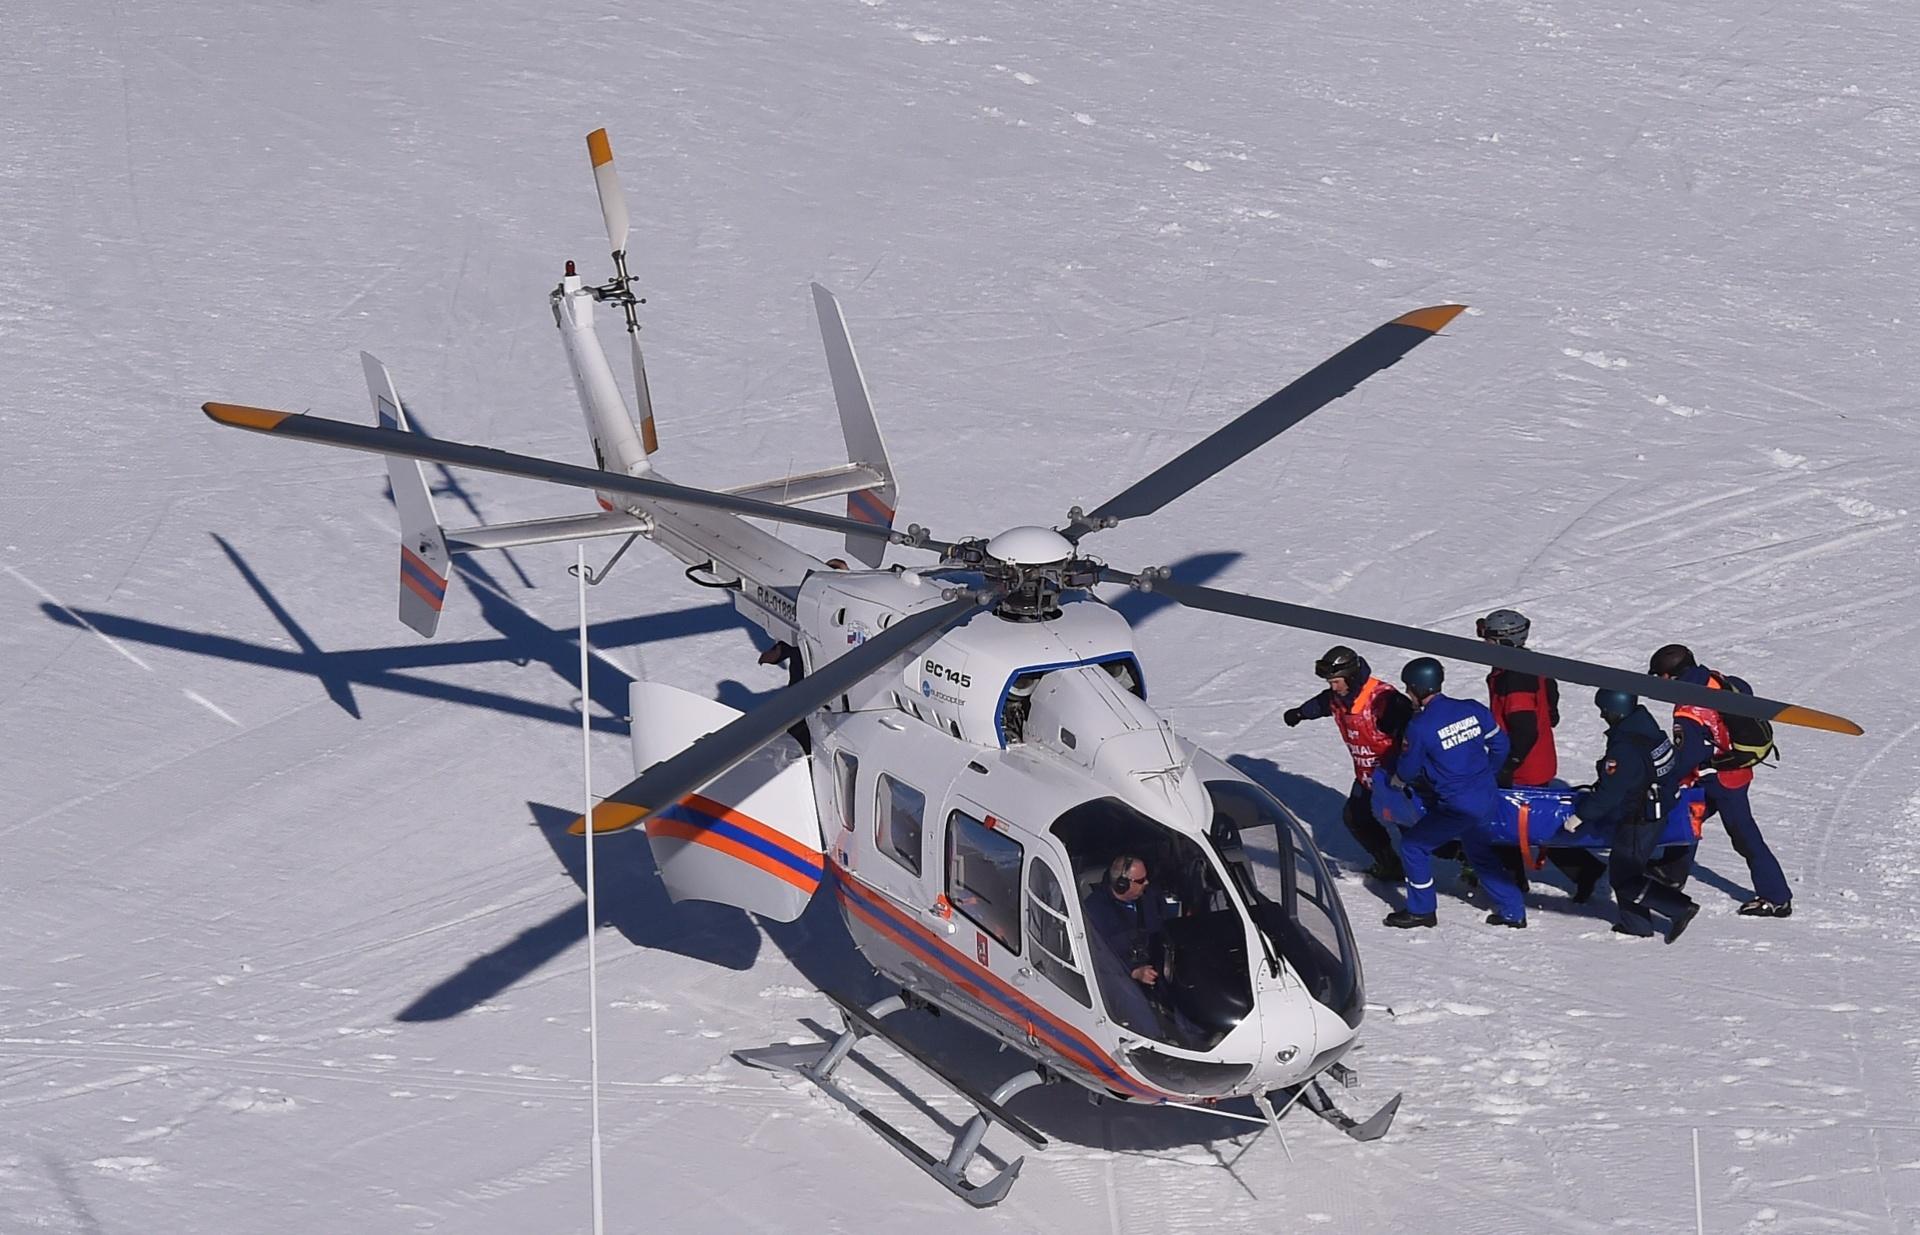 12.02.2014 - A italiana Alexandra Coletti, que compete em Sochi por Monaco, sofreu uma queda durante a prova de downhill do esqui alpino nesta quarta-feira e precisou ser atendida por um helicóptero